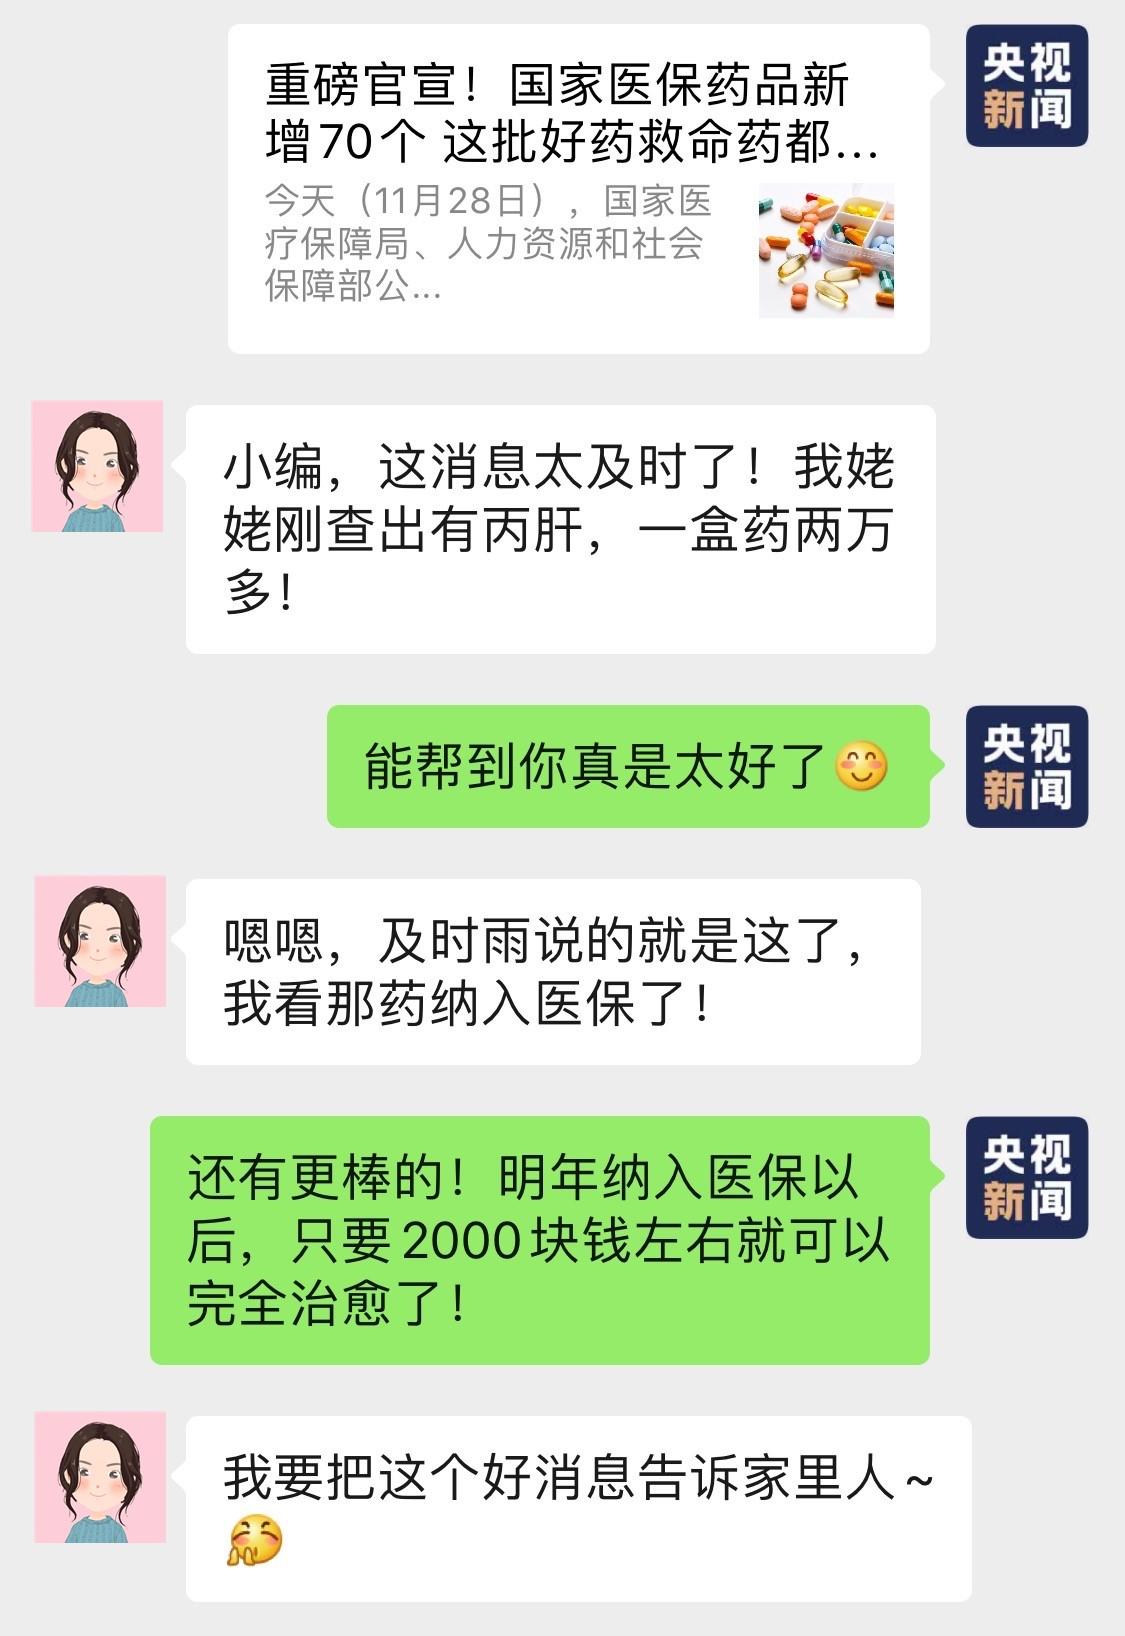 上海落实蔬菜增量供沪制定猪肉保供计划